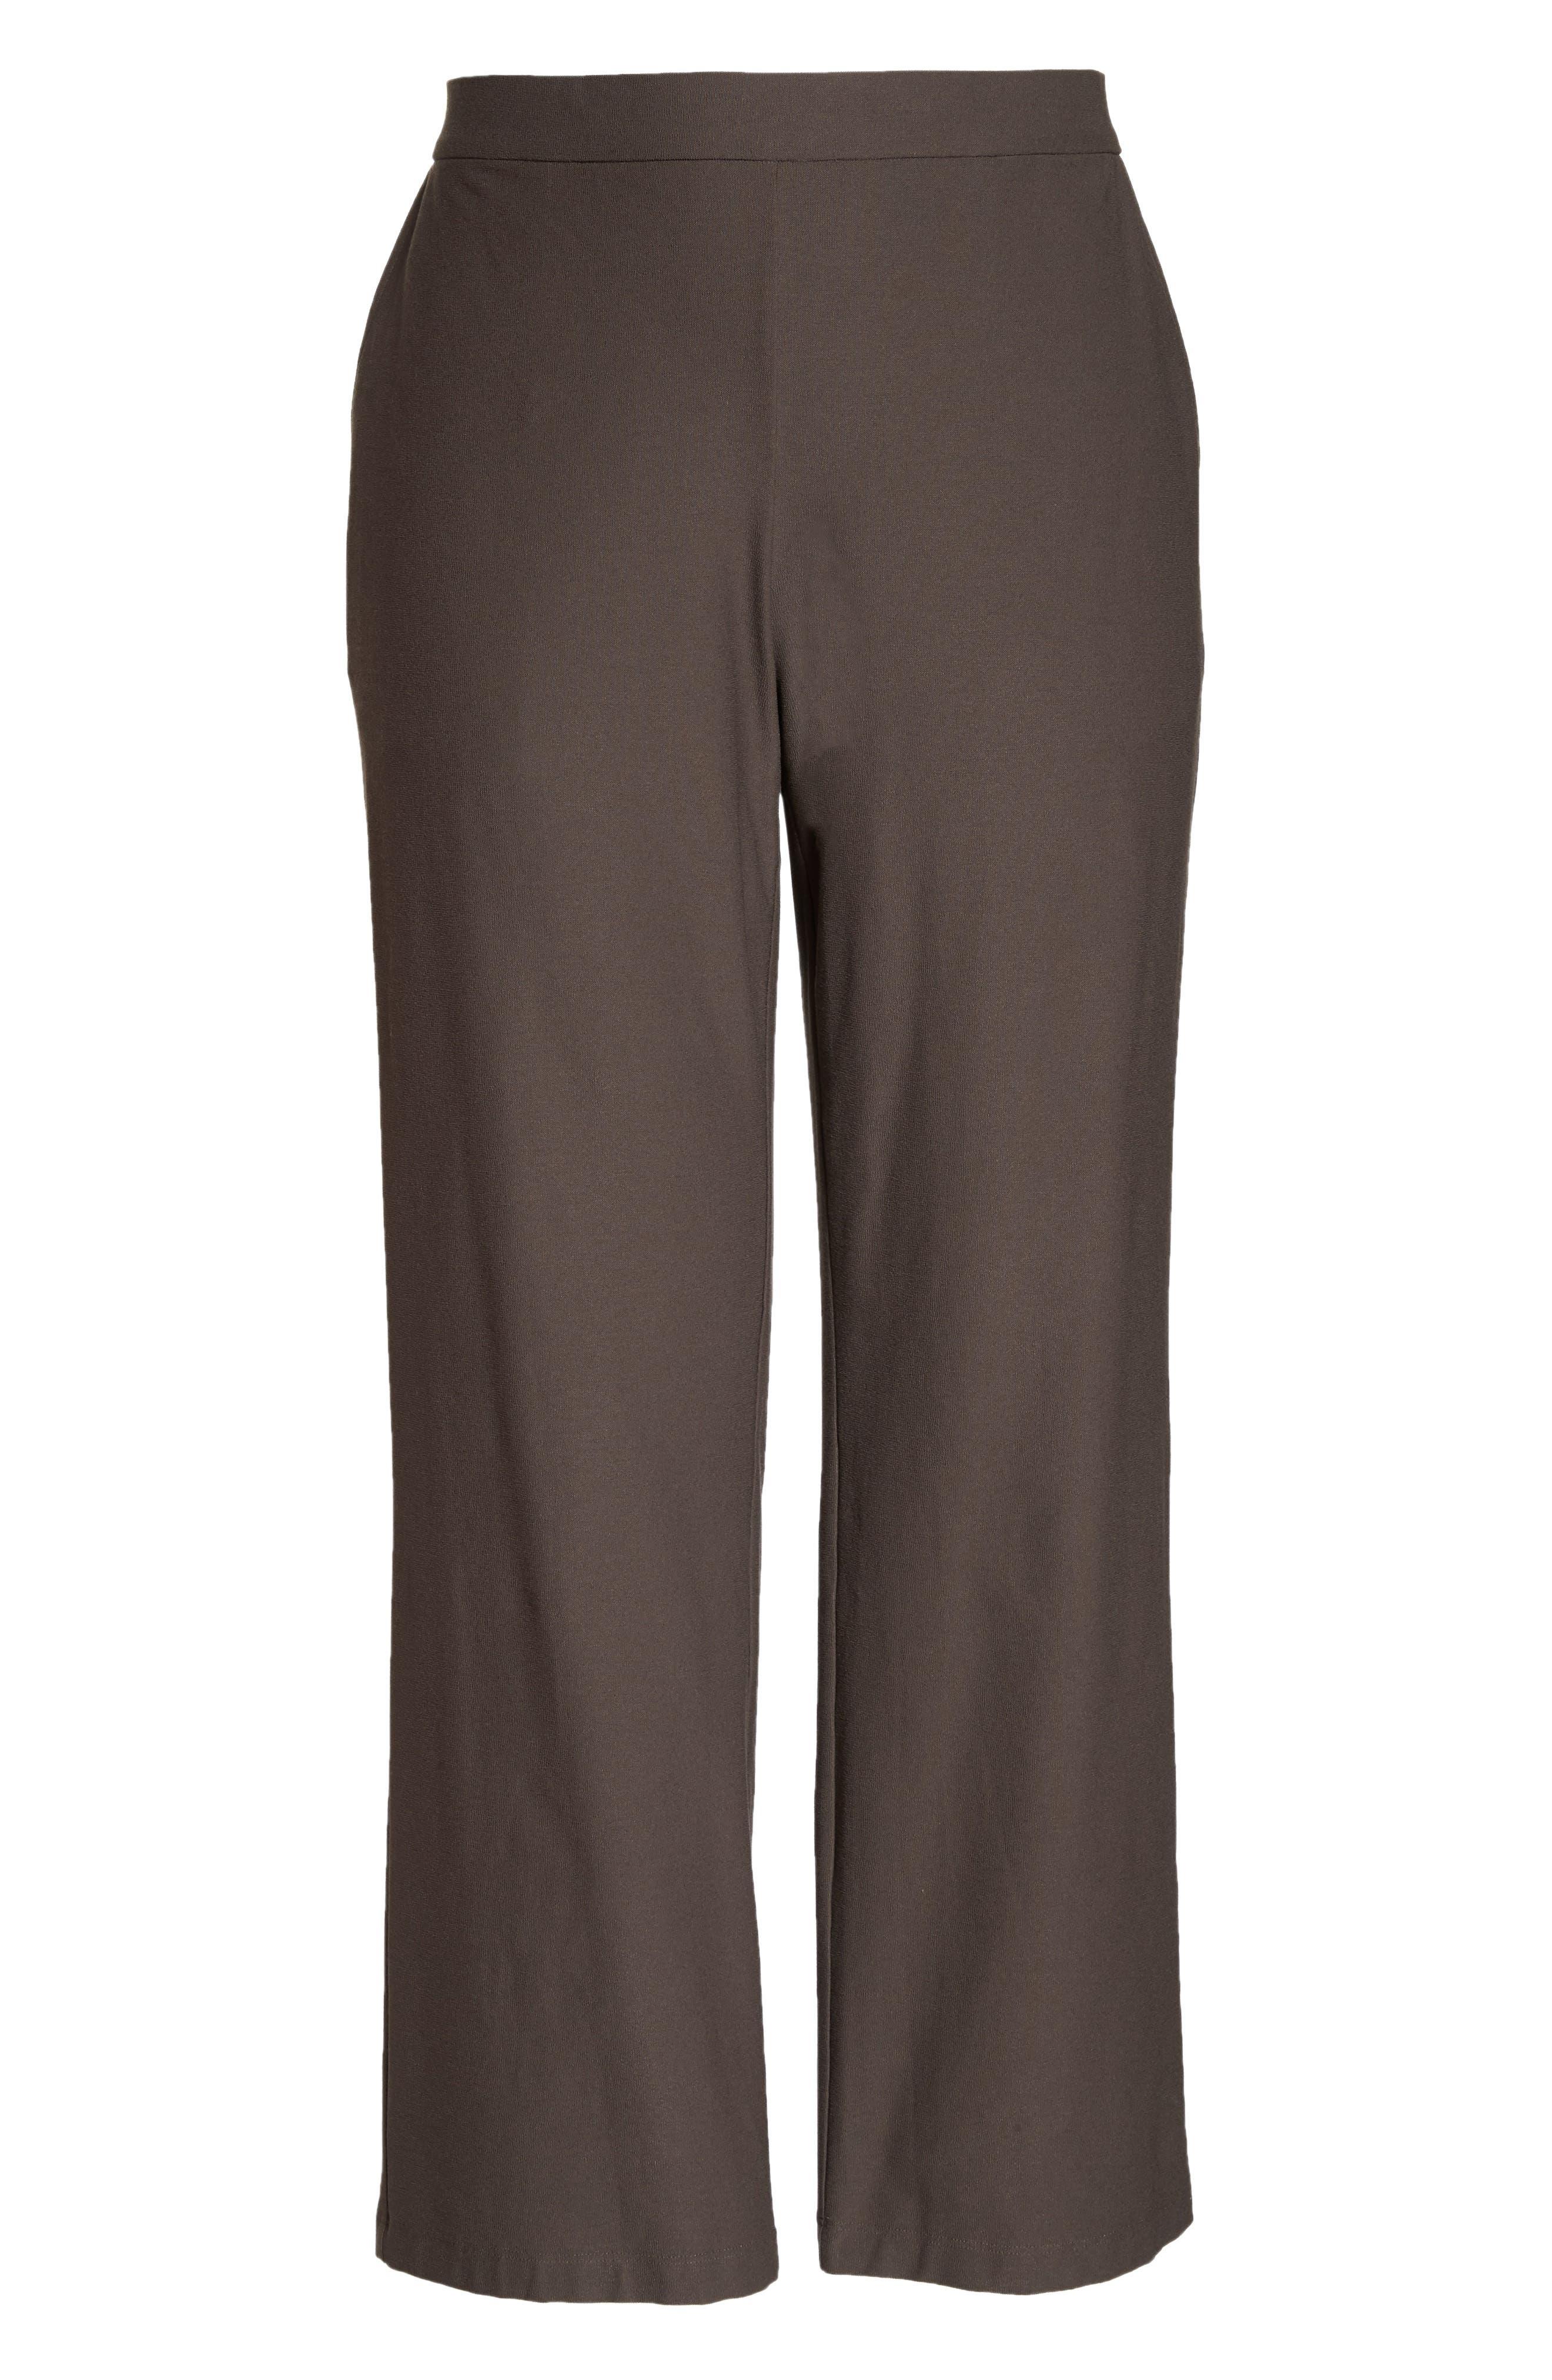 Straight Leg Knit Pants,                             Alternate thumbnail 6, color,                             273